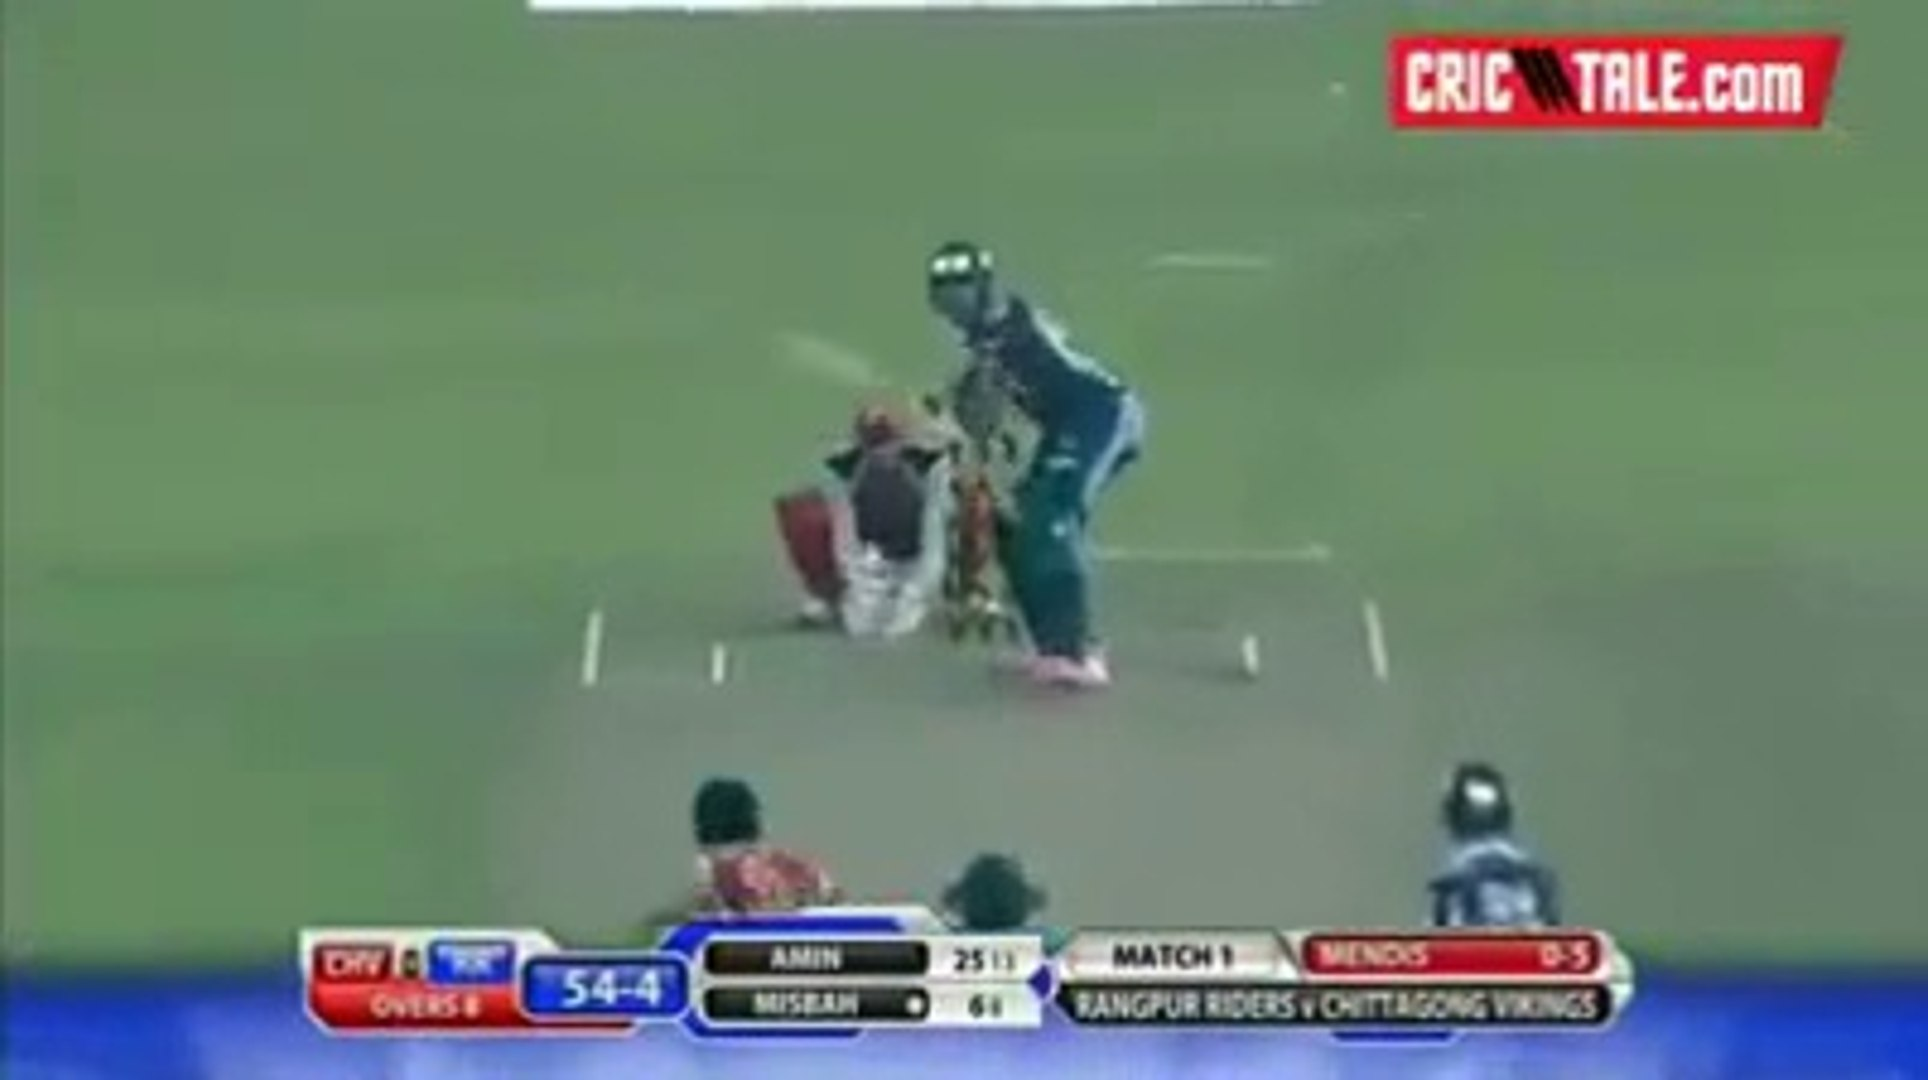 Misbah ul Haq 61 Runs Of 39 Balls against Chittagong Vikings in BPL T20 2015.